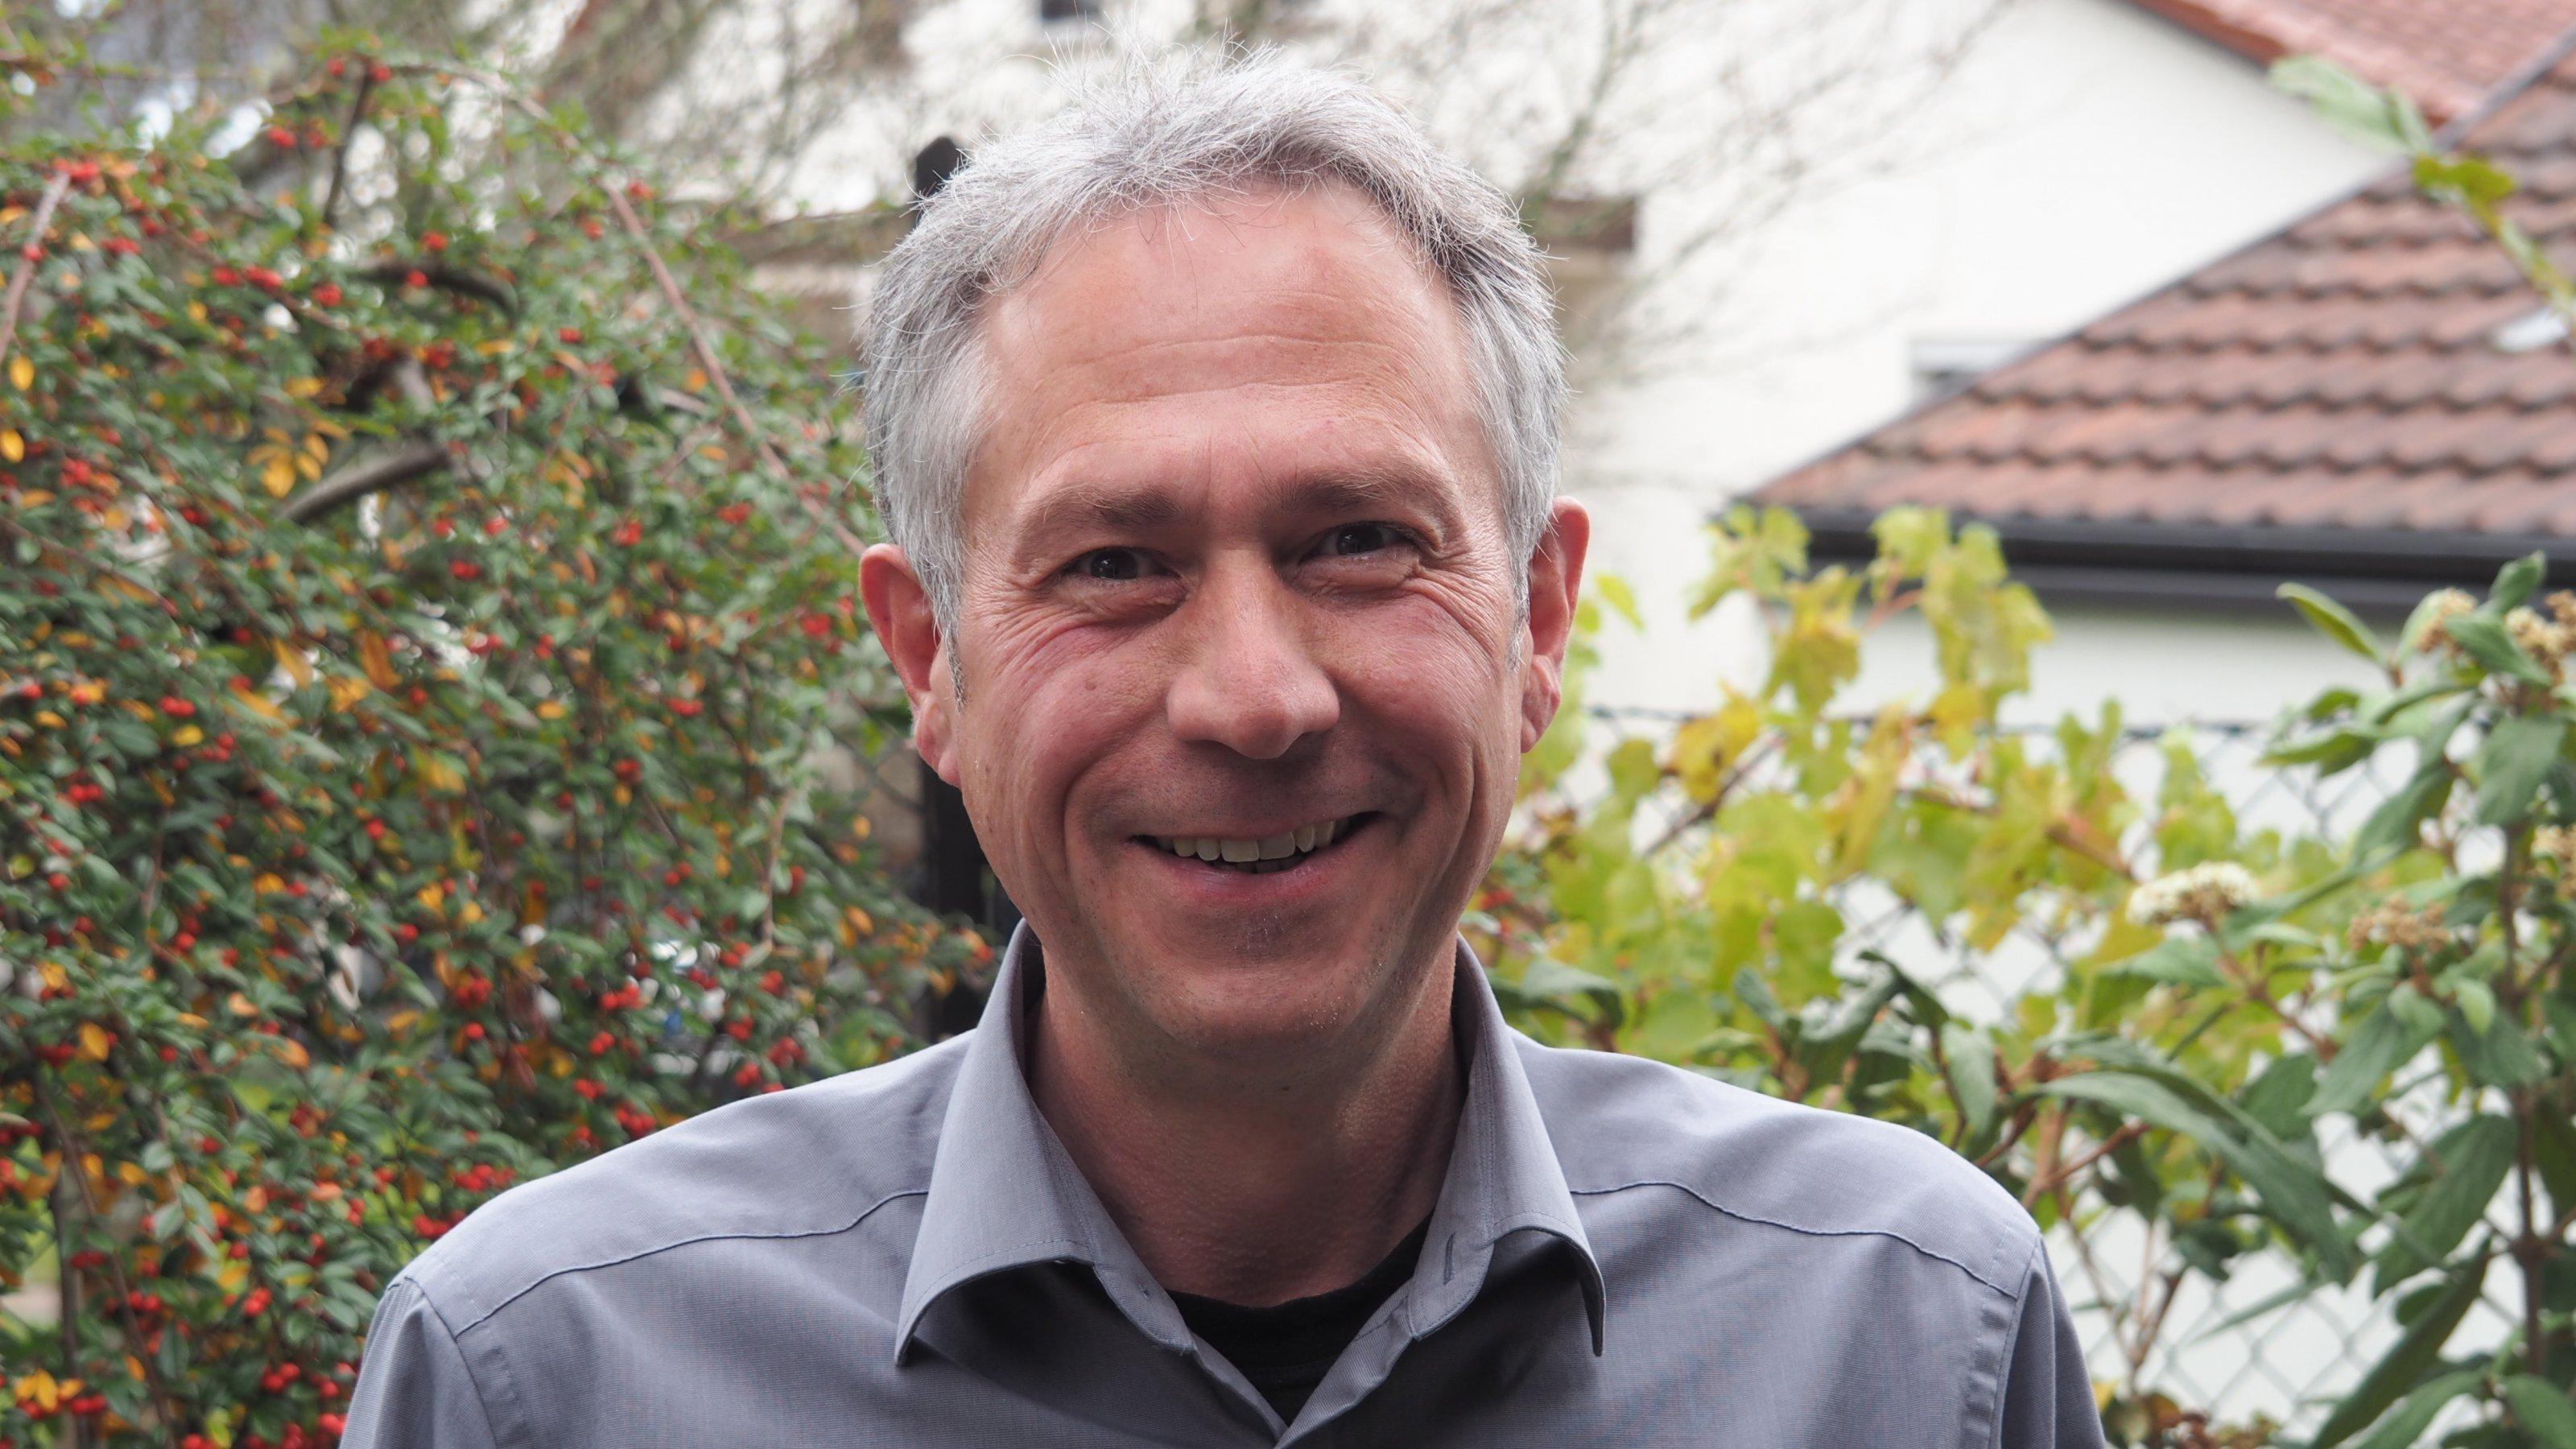 Das Foto zeigt den Vorstand der Vereiniung der Sternfreunde Sven Melchert im Porträt.